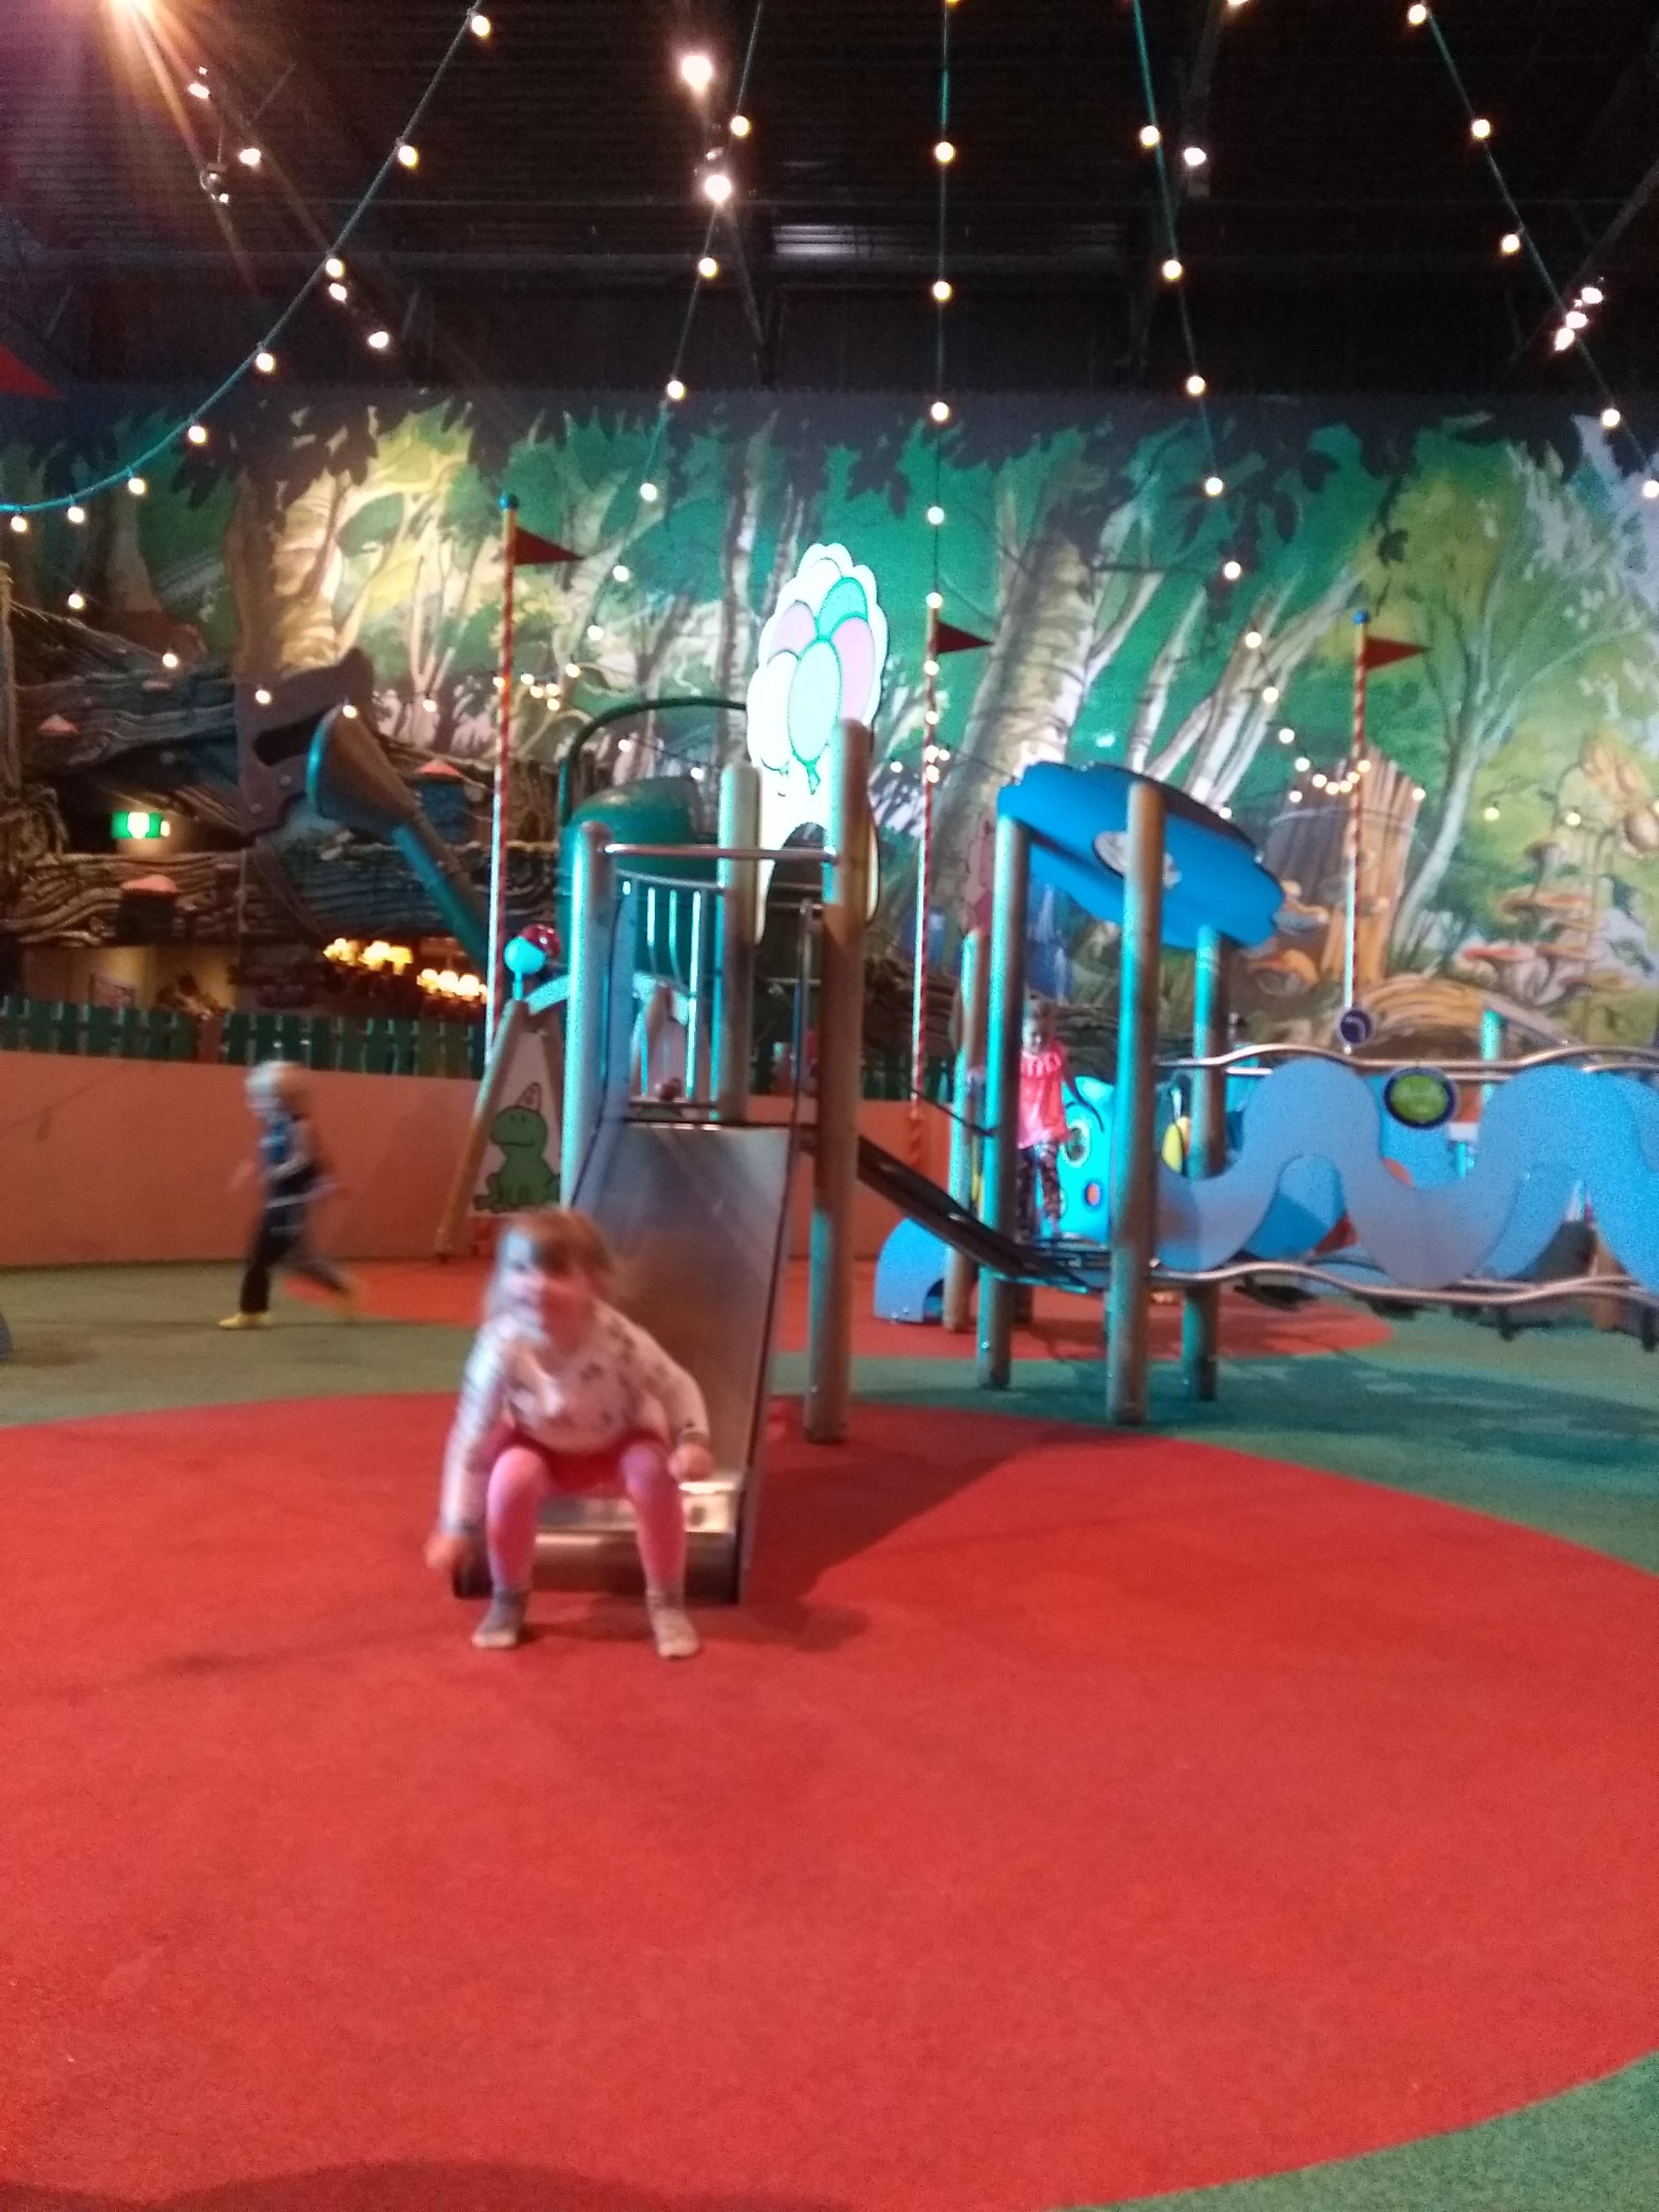 vakantie, corona tijd, op vakantie tijdens cororna, glamping, De Zandstuve, kamperen Zandstuve, mamablog, mamalifestyleblog, blog, gezin, lalog.nl, lalogblog, lalog